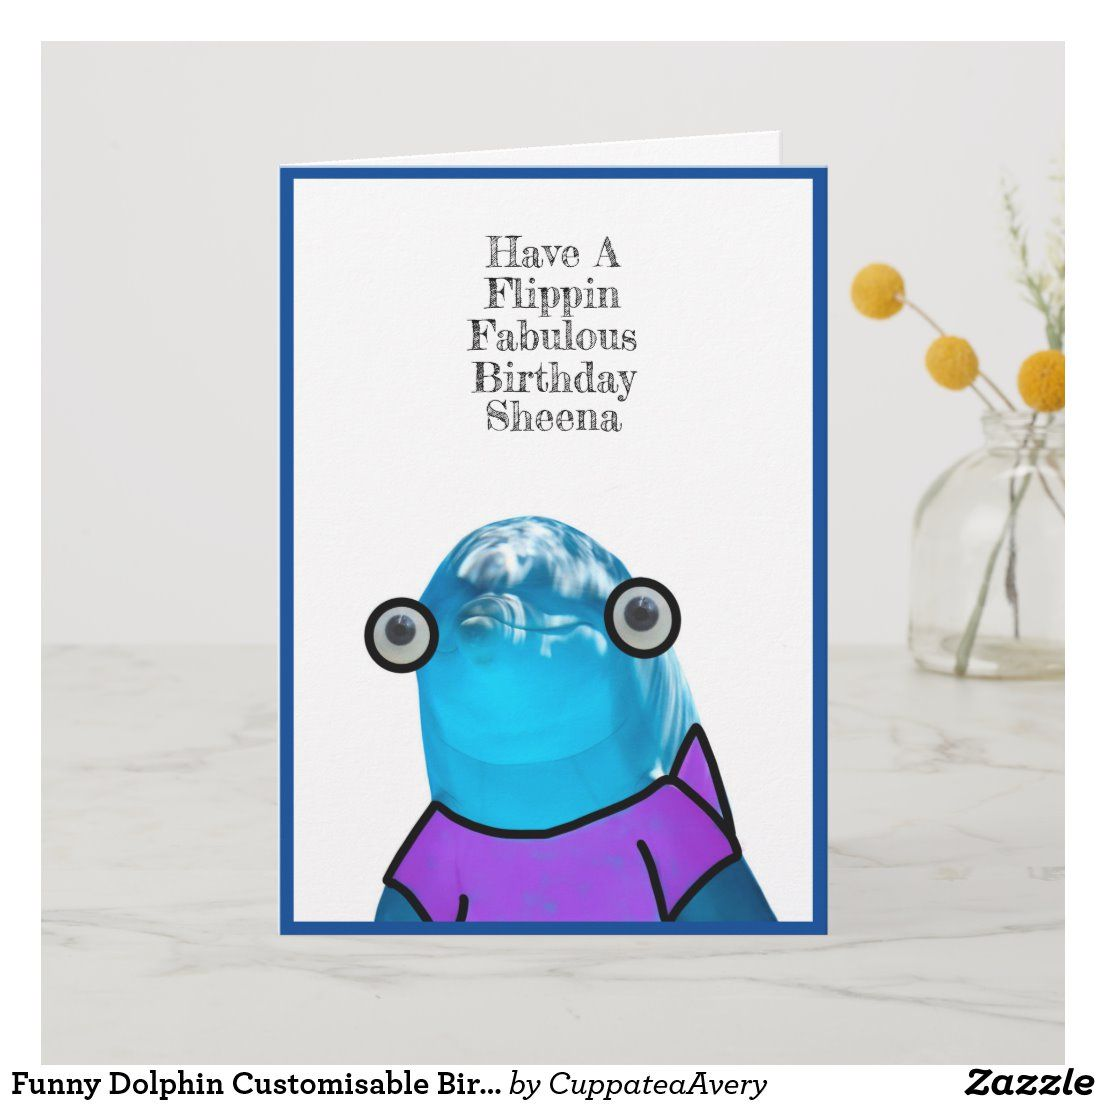 Funny Dolphin Customisable Birthday Card Zazzle Com Au Funny Dolphin Funny Greeting Cards Birthday Cards